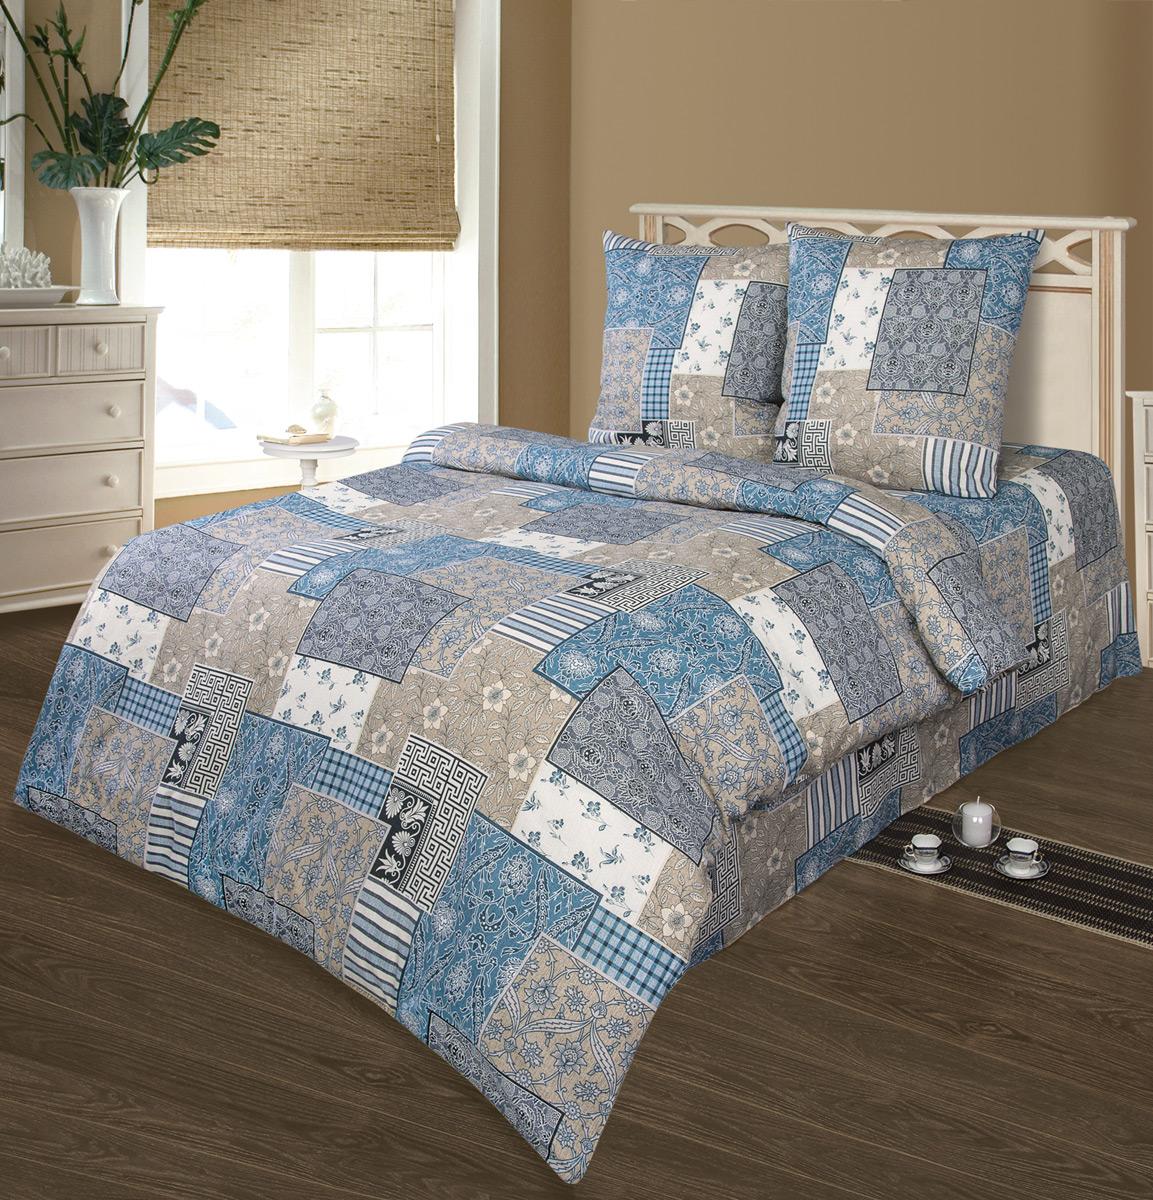 Комплект белья Шоколад Милана, 2-спальный, наволочки 70x70. Б104Б104Комплект постельного белья Шоколад Милана является экологически безопасным для всей семьи, так как выполнен из натурального хлопка. Комплект состоит из пододеяльника, простыни и двух наволочек. Постельное белье оформлено оригинальным рисунком и имеет изысканный внешний вид. Бязь - это ткань полотняного переплетения, изготовленная из экологически чистого и натурального 100% хлопка. Она прочная, мягкая, обладает низкой сминаемостью, легко стирается и хорошо гладится. Бязь прекрасно пропускает воздух и за ней легко ухаживать. При соблюдении рекомендуемых условий стирки, сушки и глажения ткань имеет усадку по ГОСТу, сохранятся яркость текстильных рисунков. Приобретая комплект постельного белья Шоколад Милана, вы можете быть уверены в том, что покупка доставит вам и вашим близким удовольствие и подарит максимальный комфорт.Советы по выбору постельного белья от блогера Ирины Соковых. Статья OZON Гид